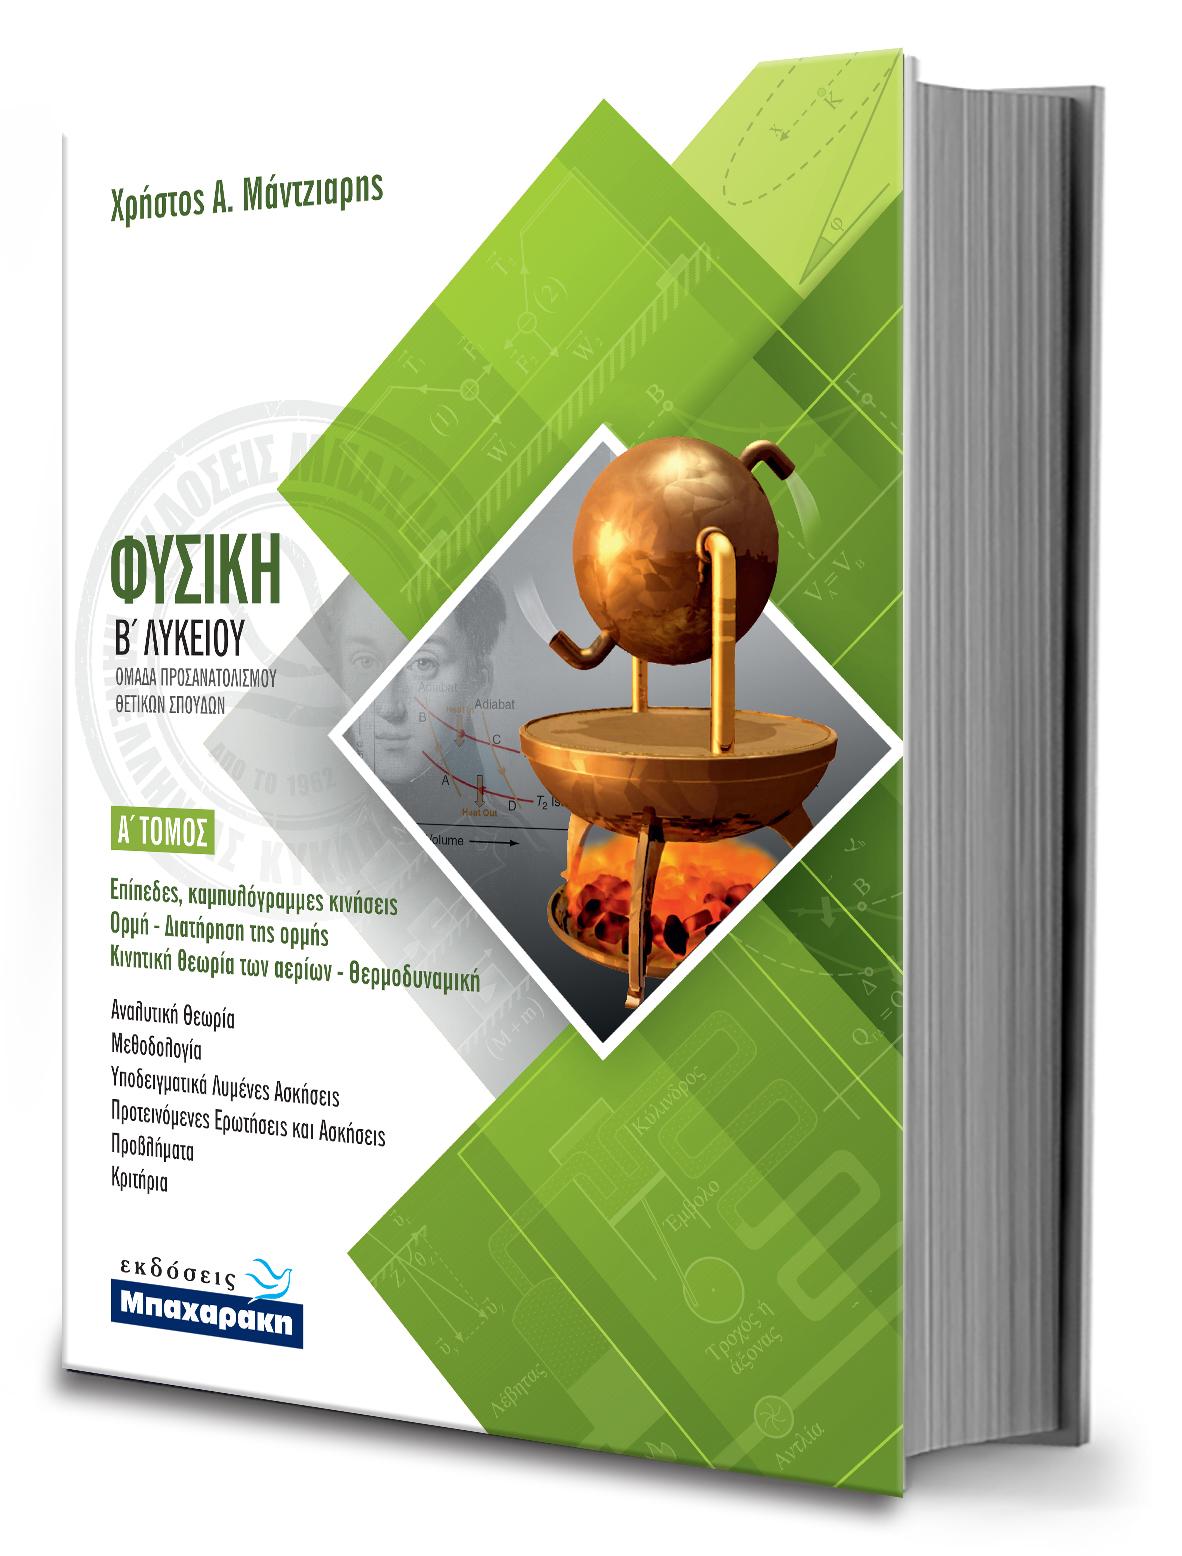 Εκδόσεις Μπαχαράκη: Βίβλίο με τίτλο: ΦΥΣΙΚΗ ΘΕΤΙΚΩΝ ΣΠΟΥΔΩΝ, Β' λυκείου,  1ος τόμος